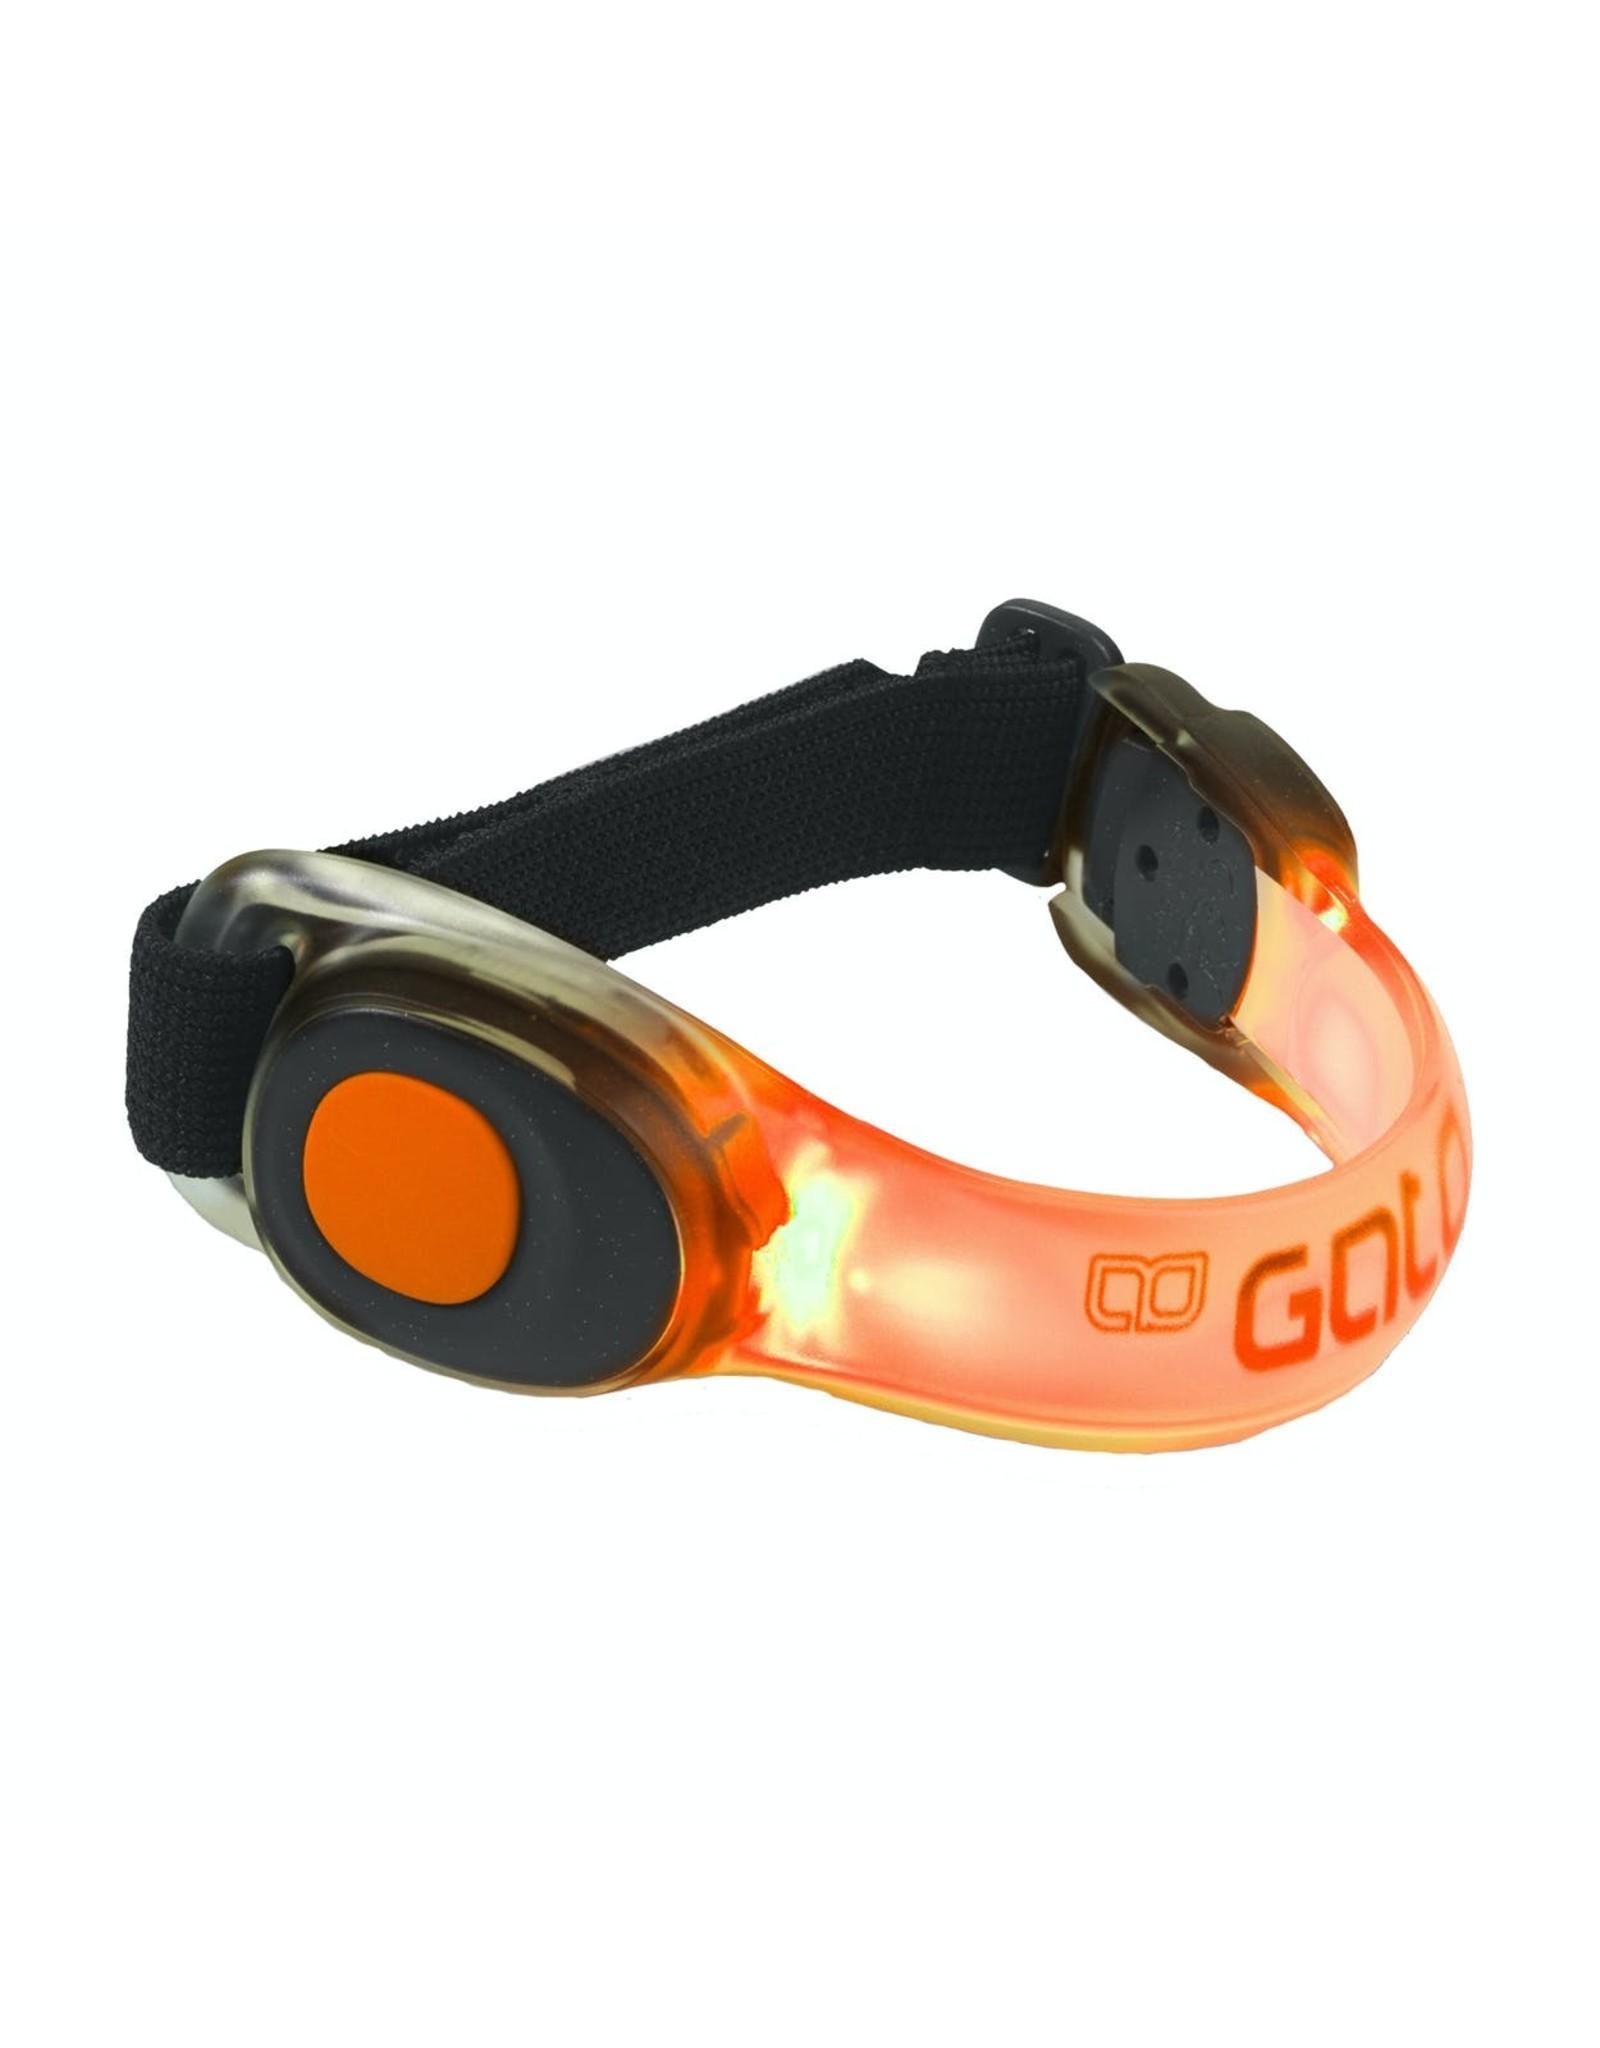 Gato NEON LED ARMBAND (Orange)